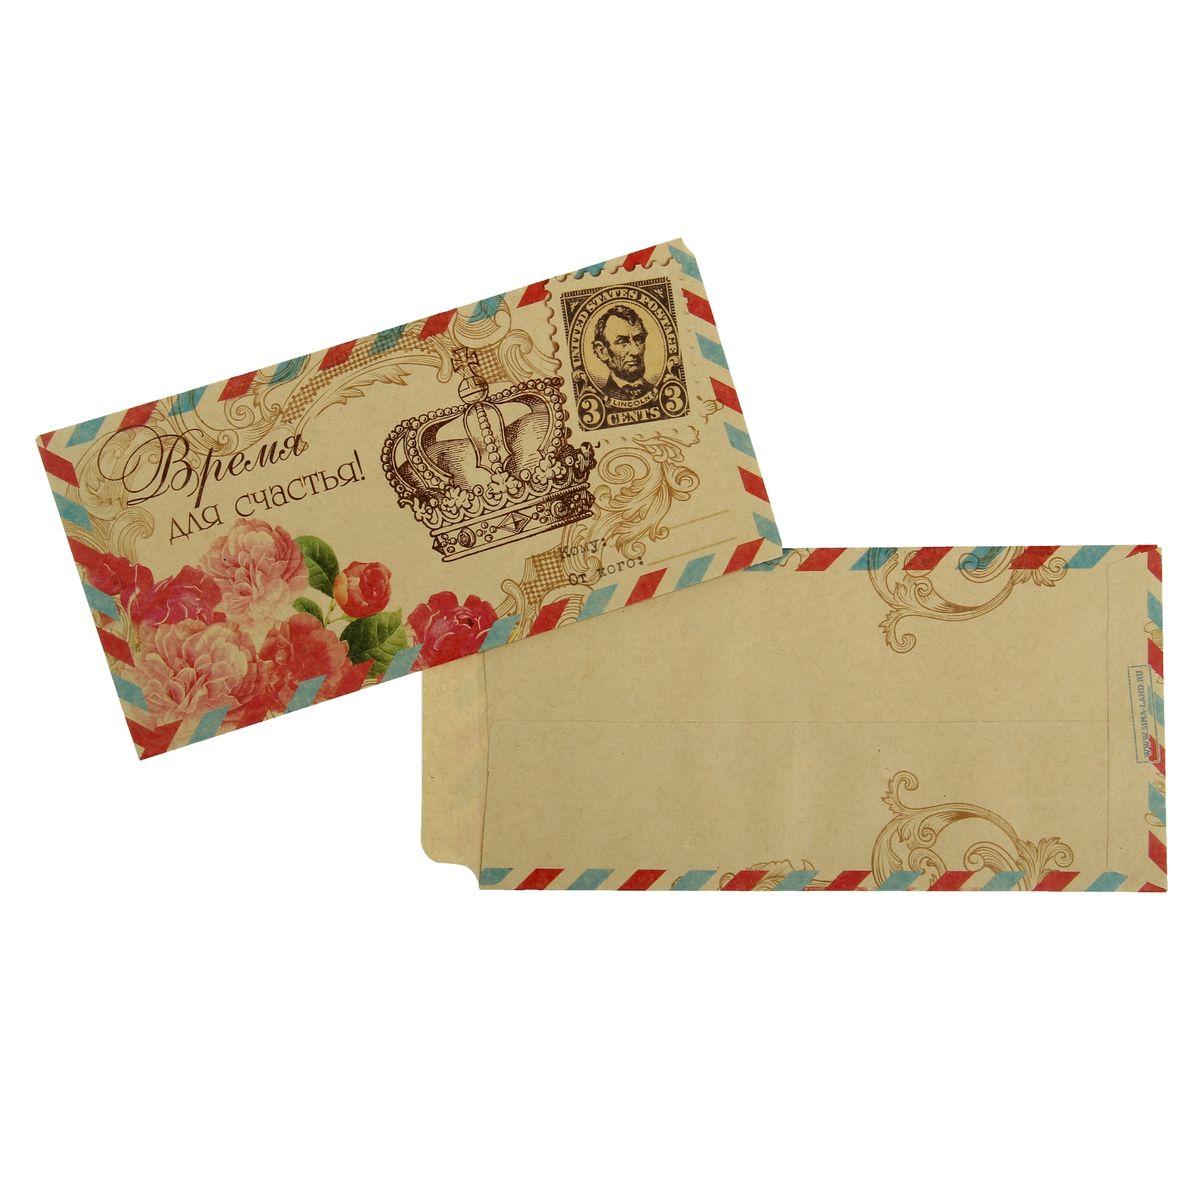 Конверт подарочный Время для счастья1021084Подарочный конверт Время для счастья предназначен для украшения подарков. Конверт изготовлен из бумаги, украшен красивыми изображениями. Подарок в таком конверте будет выглядеть ярко и стильно!